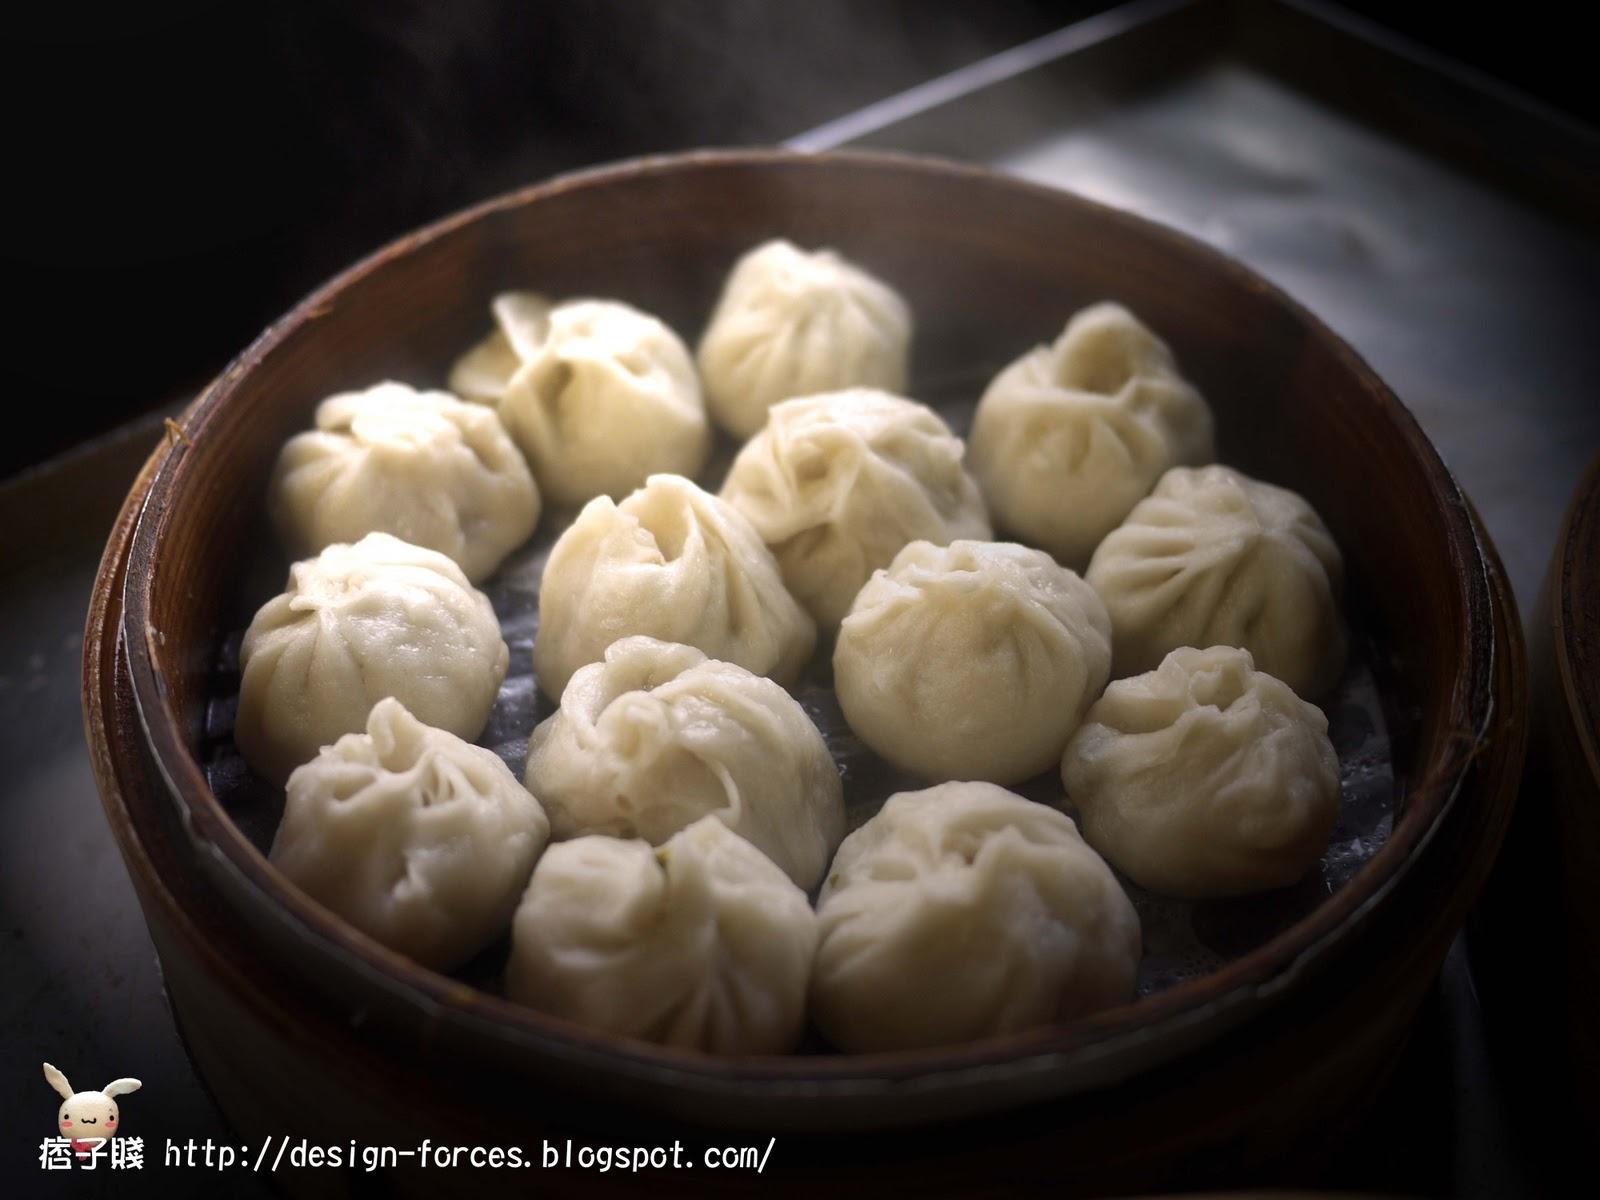 【金門傳統美食】山外7-11旁小籠包 - 日本住宿優惠查詢網